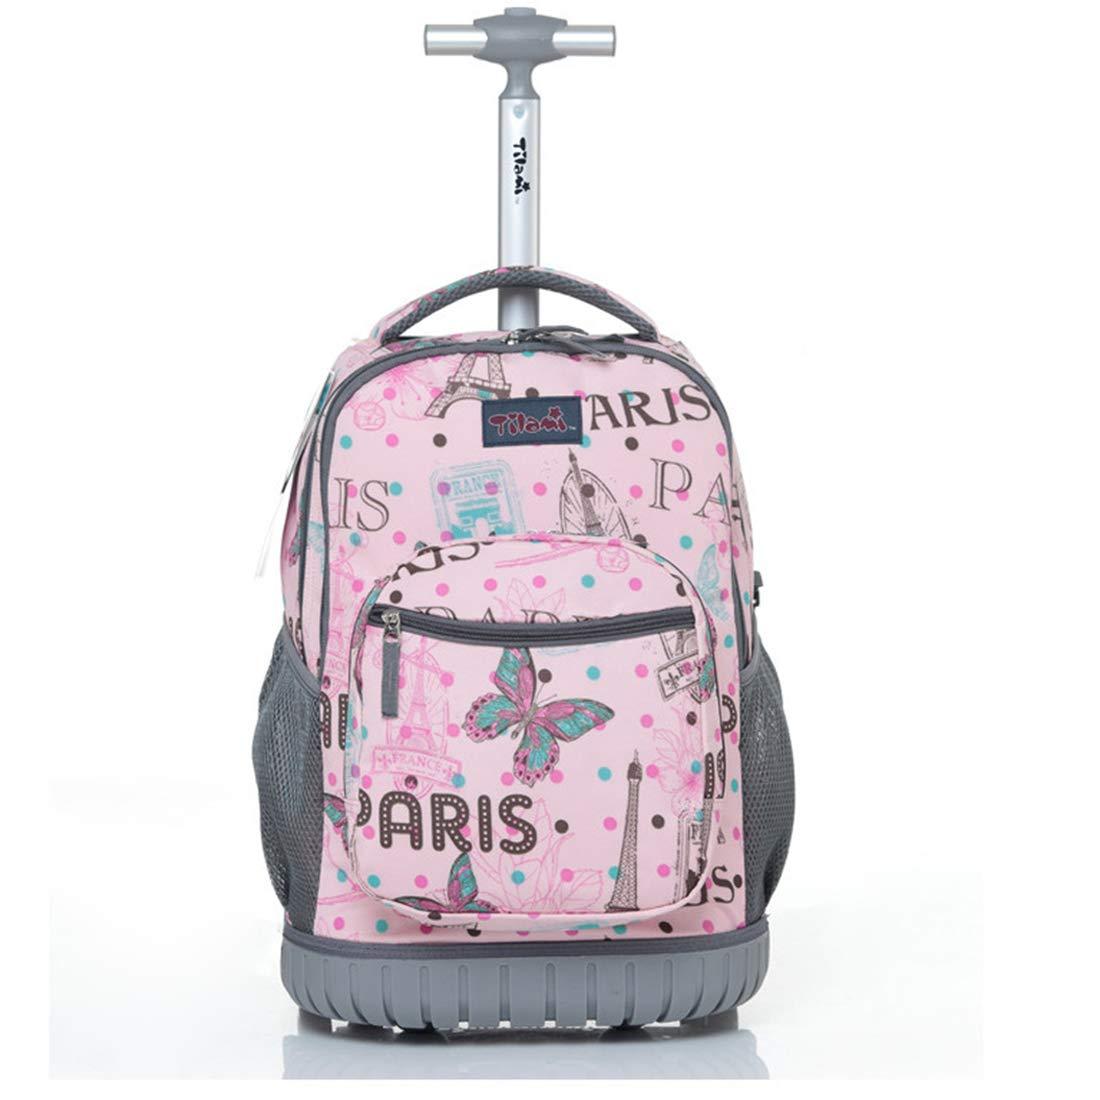 女の子かわいい学校バッグカラフルな蝶 Bookbag のためのローリングバックパック 18in  B07KHN7JZP